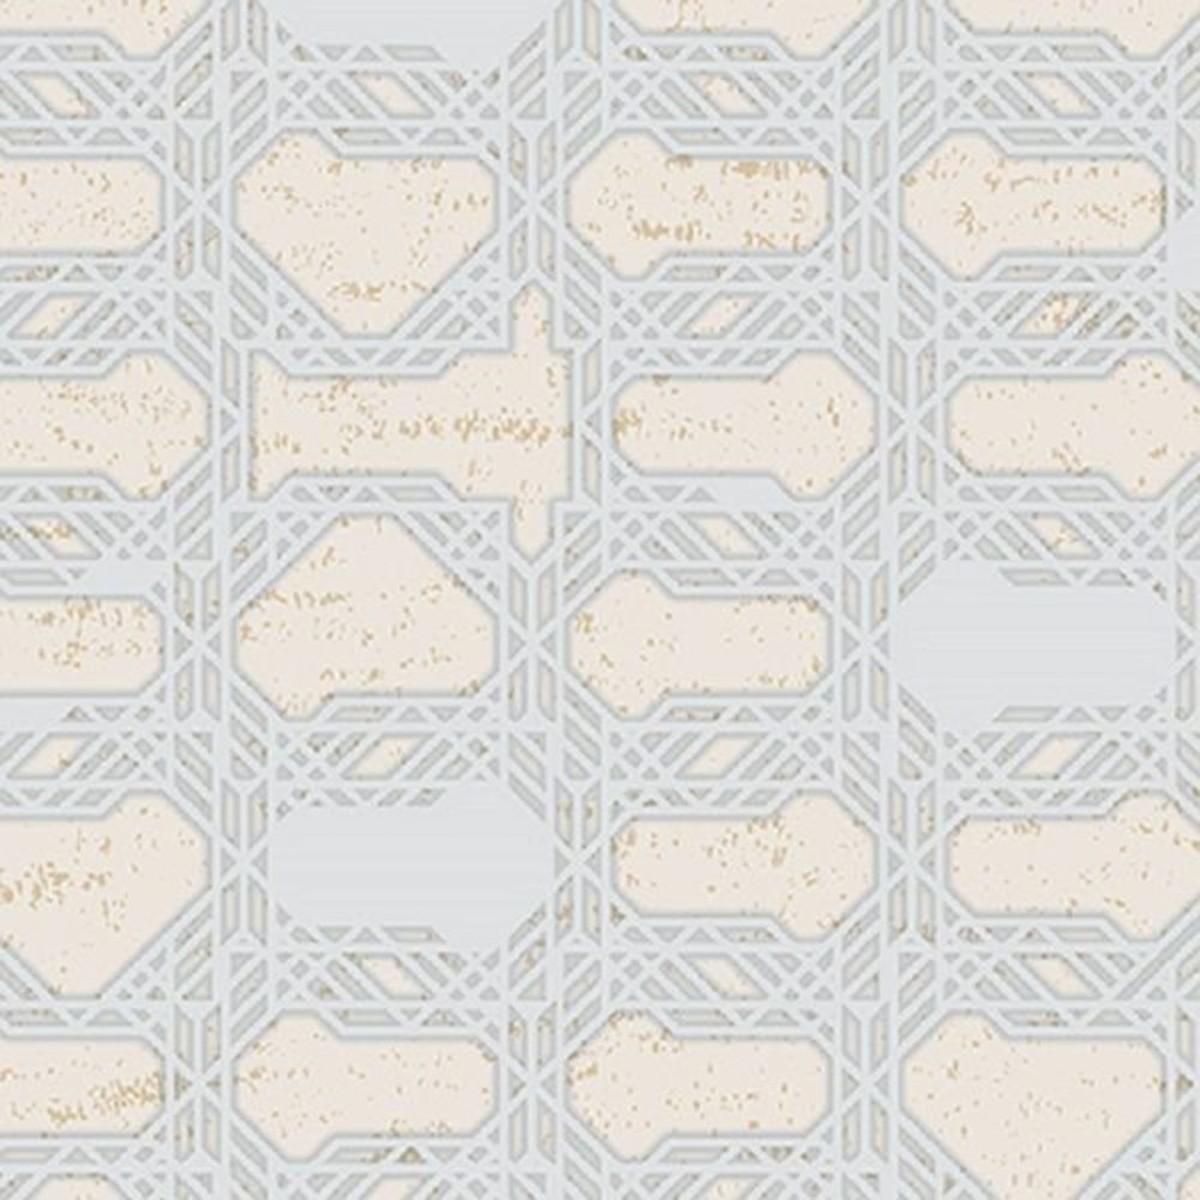 Обои виниловые Gaenari серебряные 1.06 м 81110-3